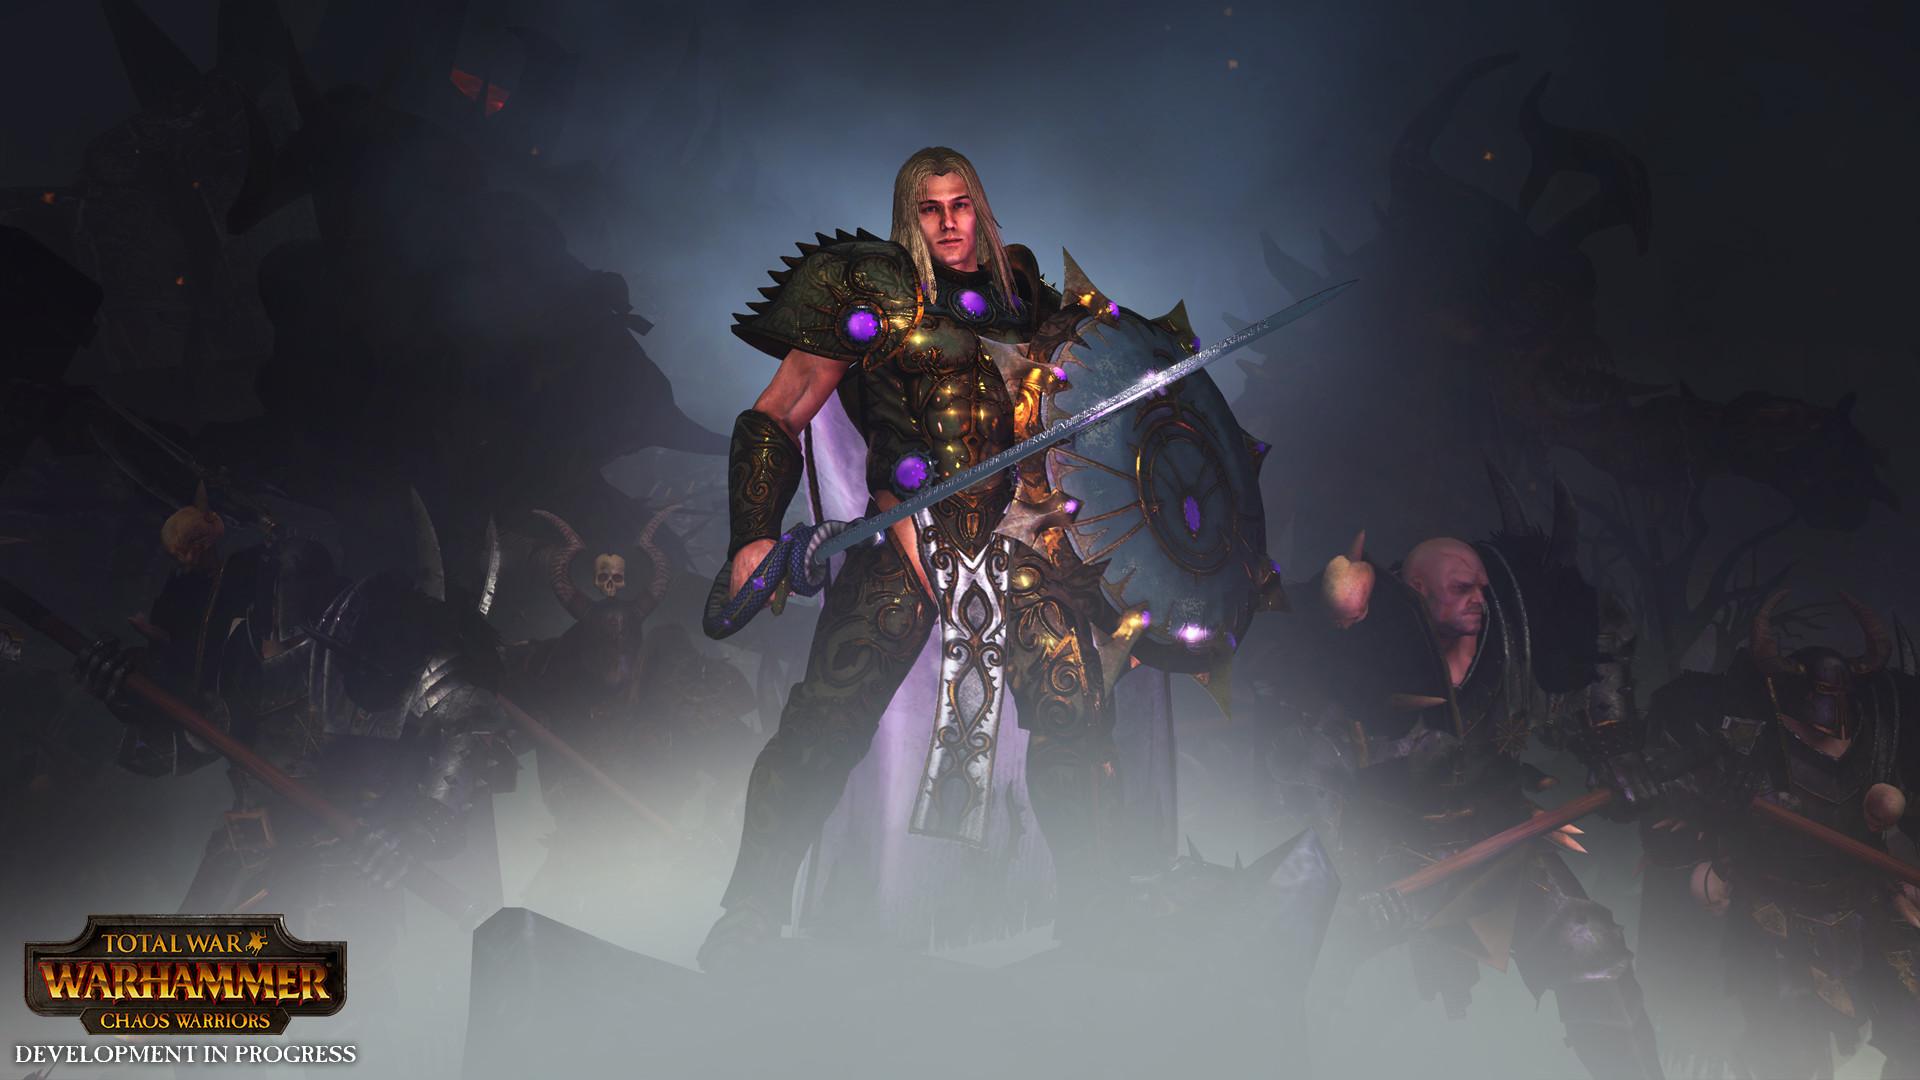 [Jeu vidéo] Total War Warhammer - Page 5 Ss_4944ef6c50bcd8102c4ad9ecfa13ed40b24fa3af.1920x1080